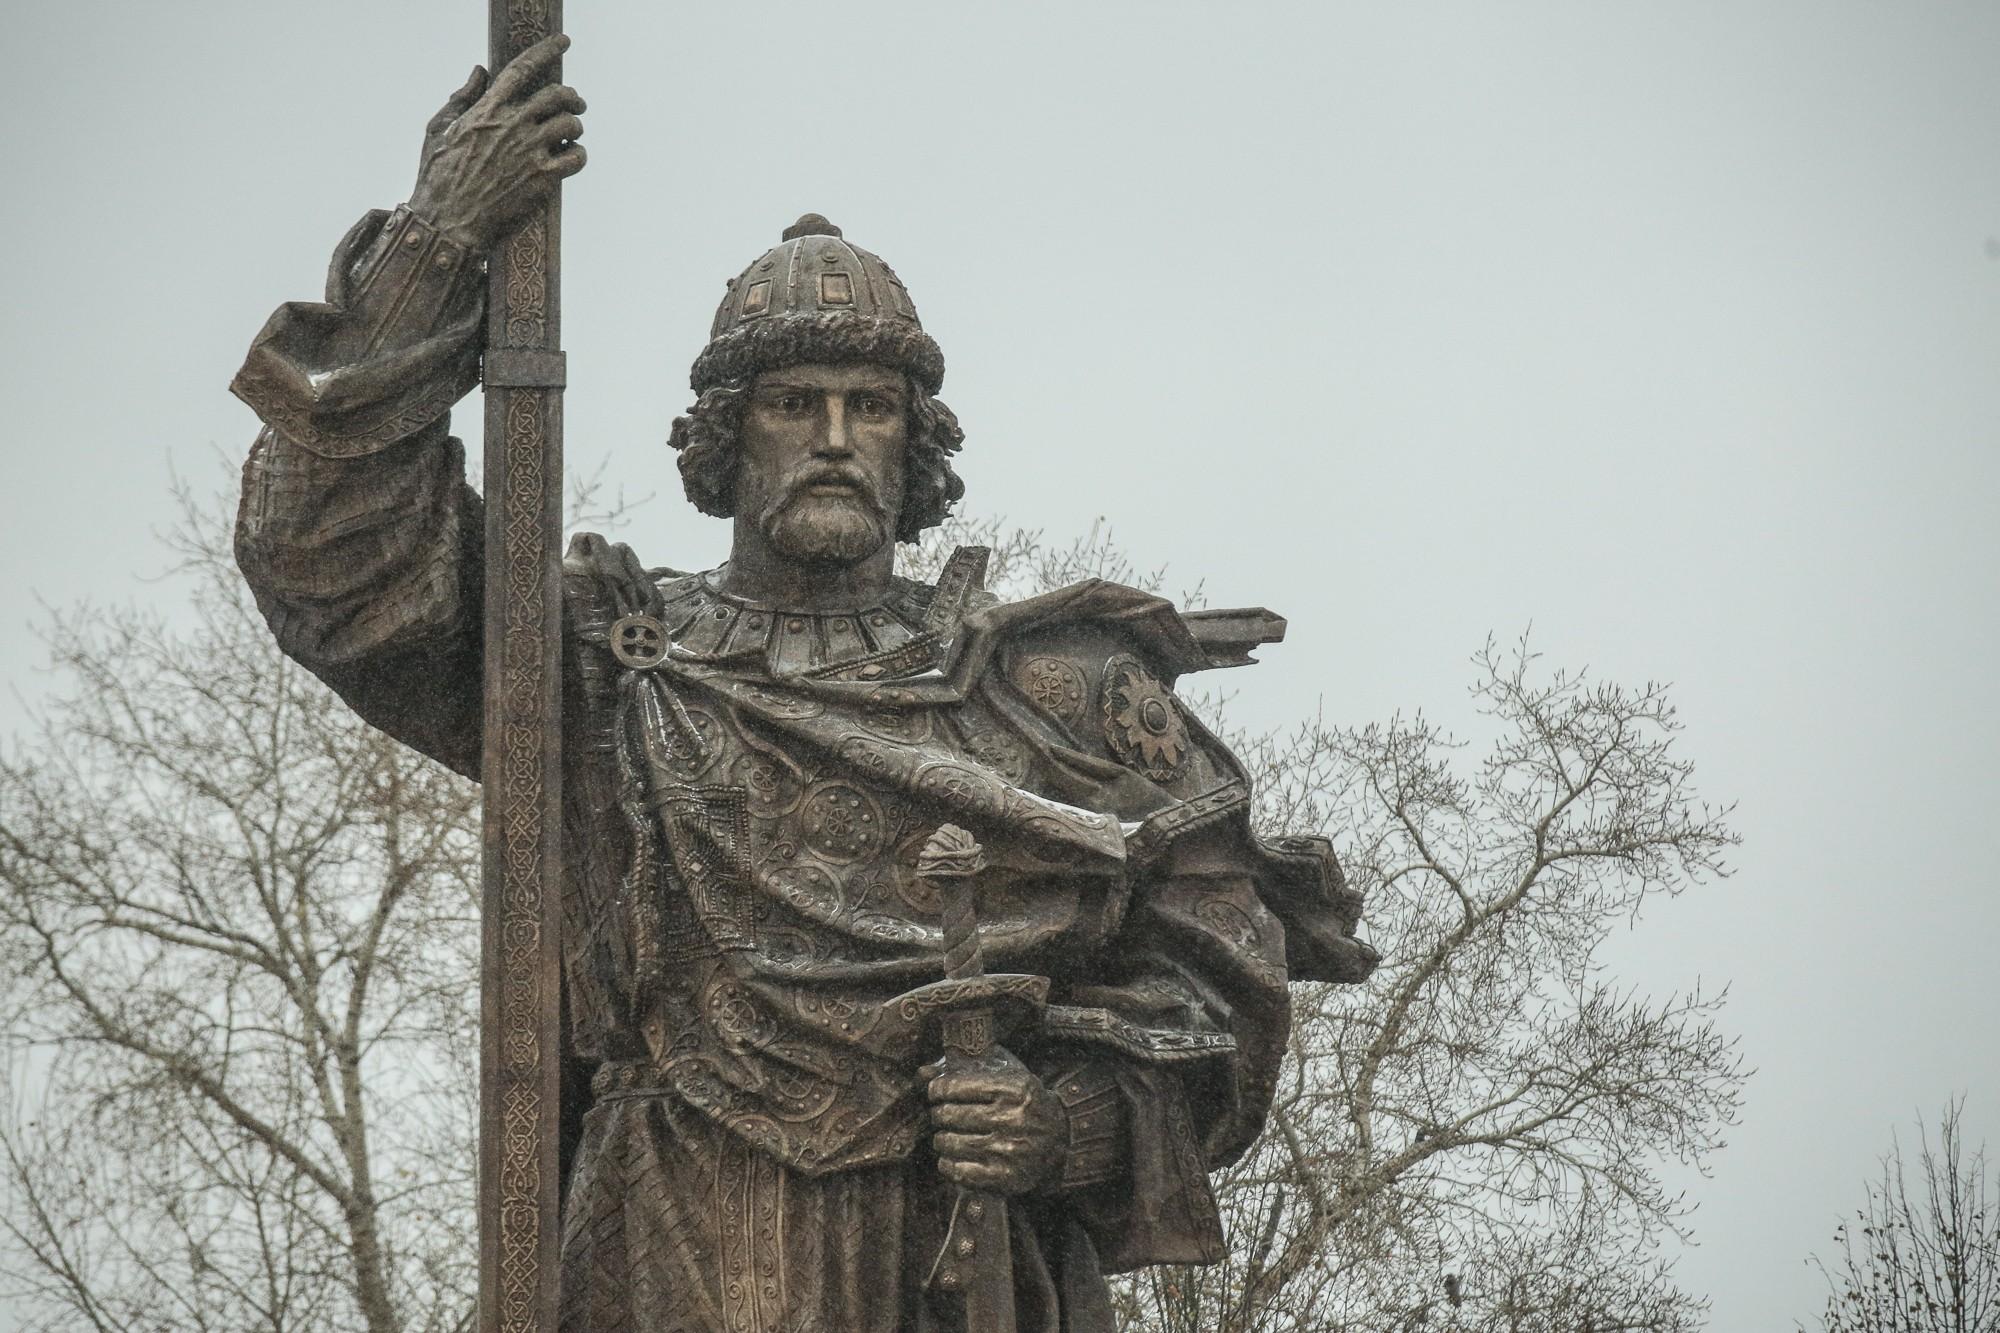 фотографии князя владимира разбираются